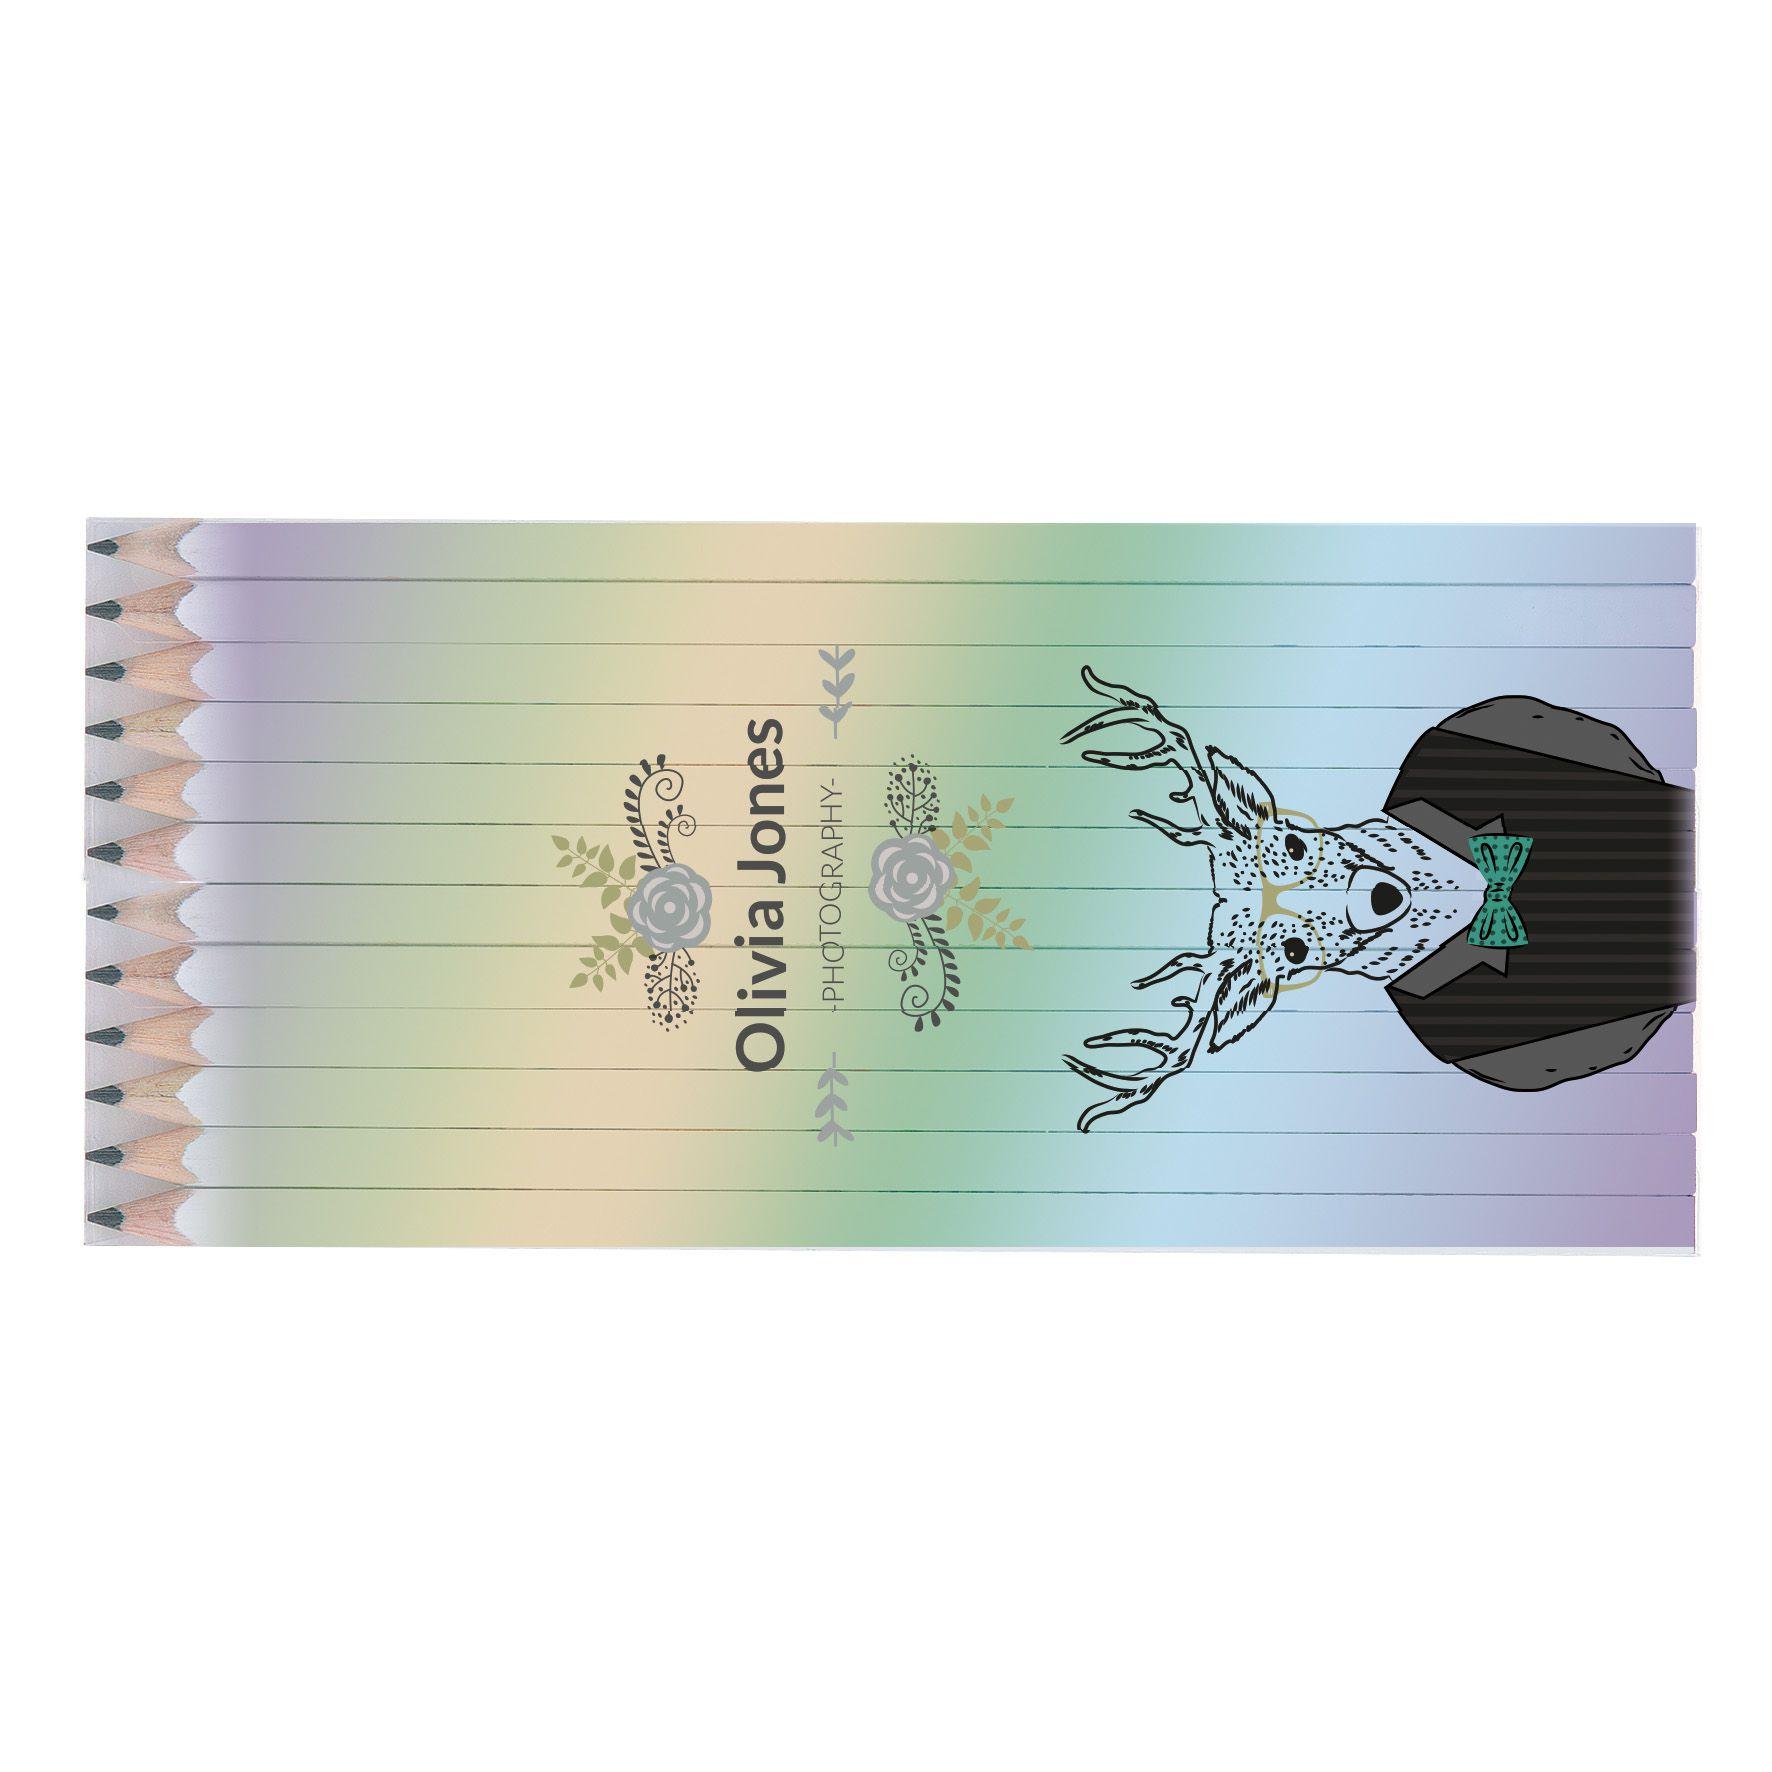 Cadeau d'entreprise écologique - Set Quadri 12 crayons personnalisés Graphite 17,6 cm